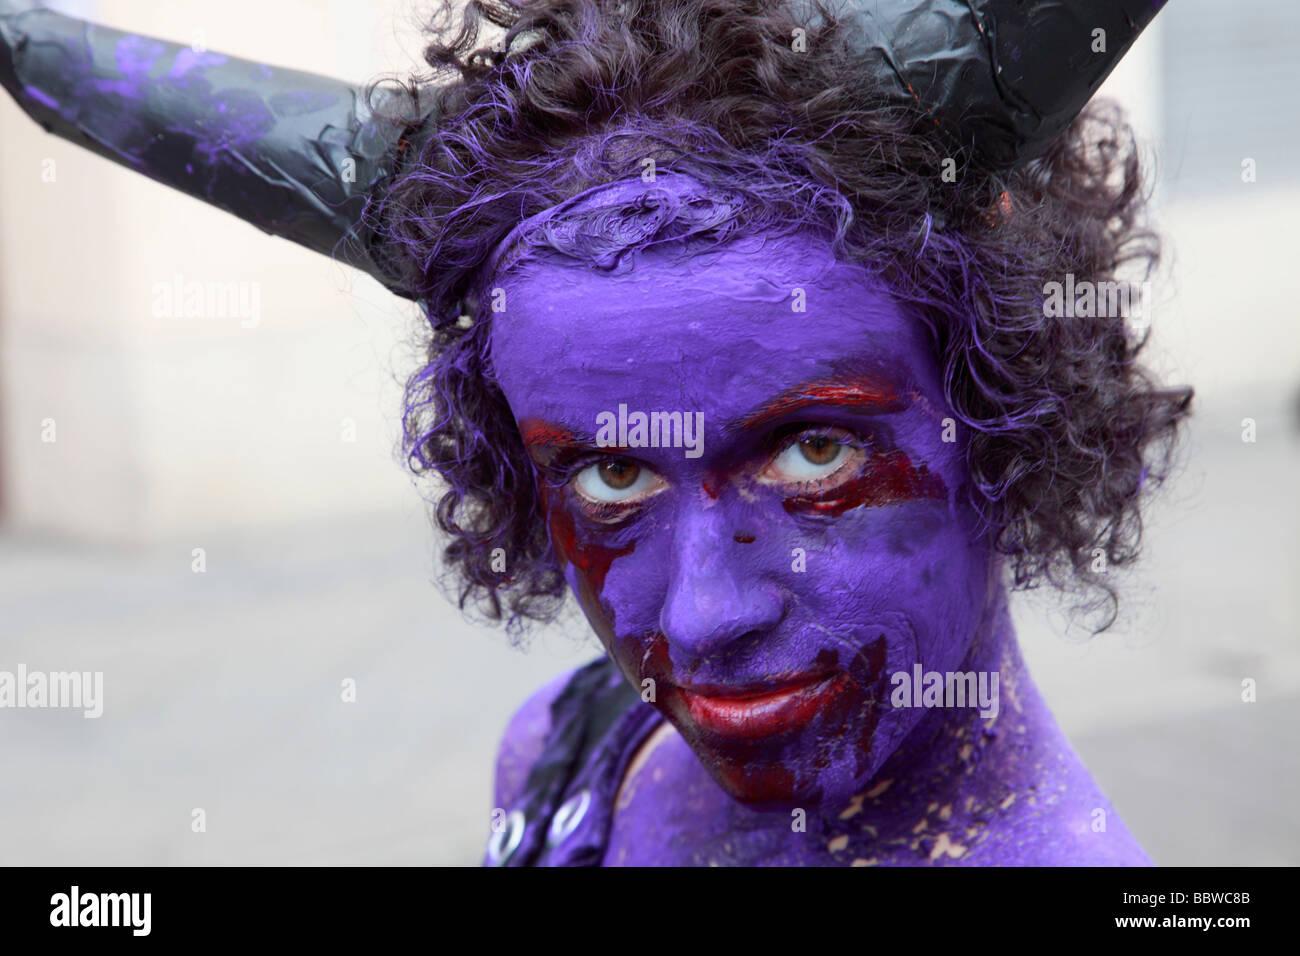 Deutschland Berlin Karneval der Kulturen Frau mit bemaltem Gesicht Stockbild